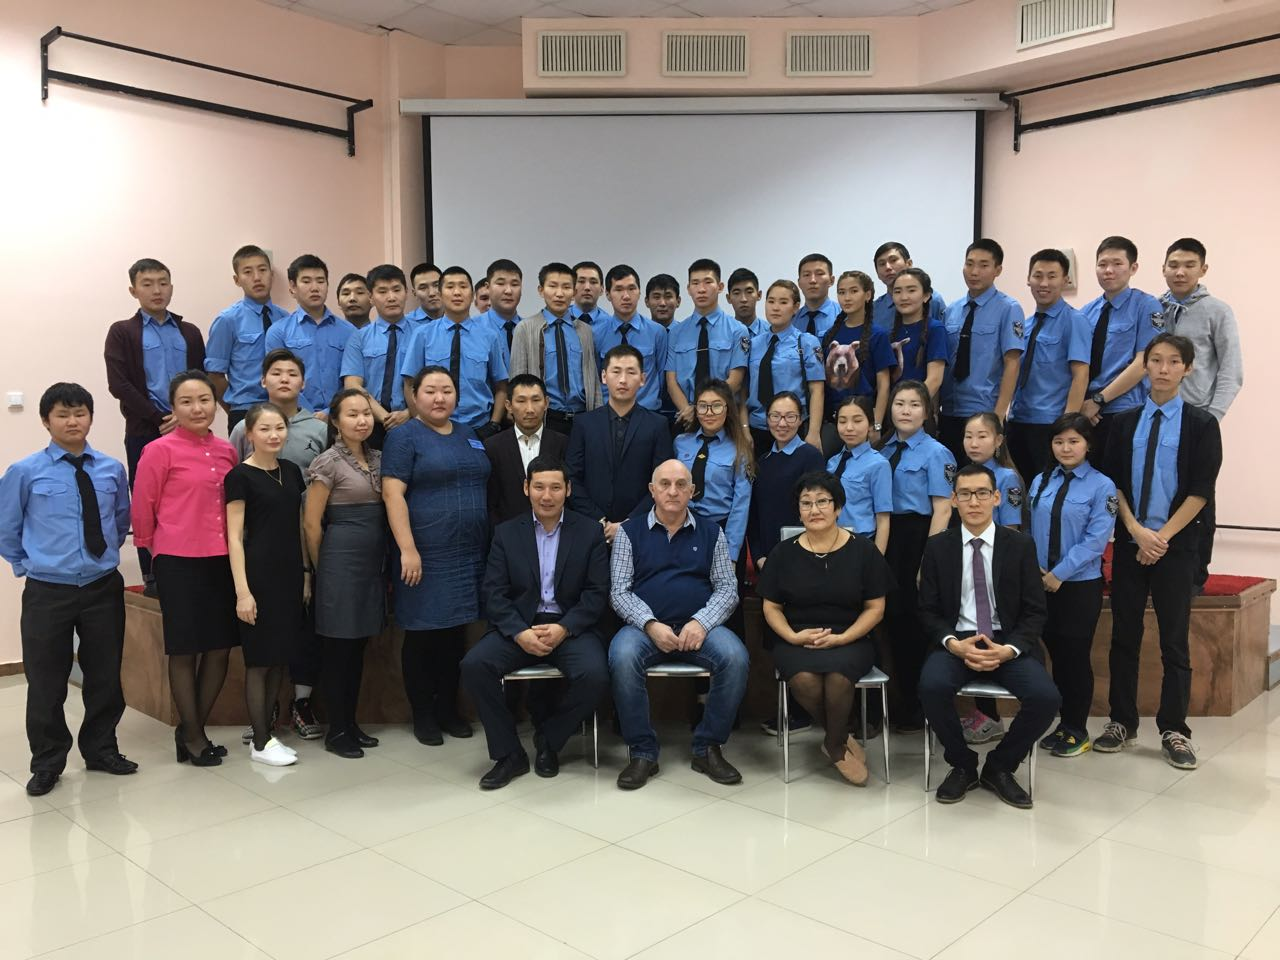 Акционерная компания «Железные дороги Якутии» ждет выпускников Транспортного техникума